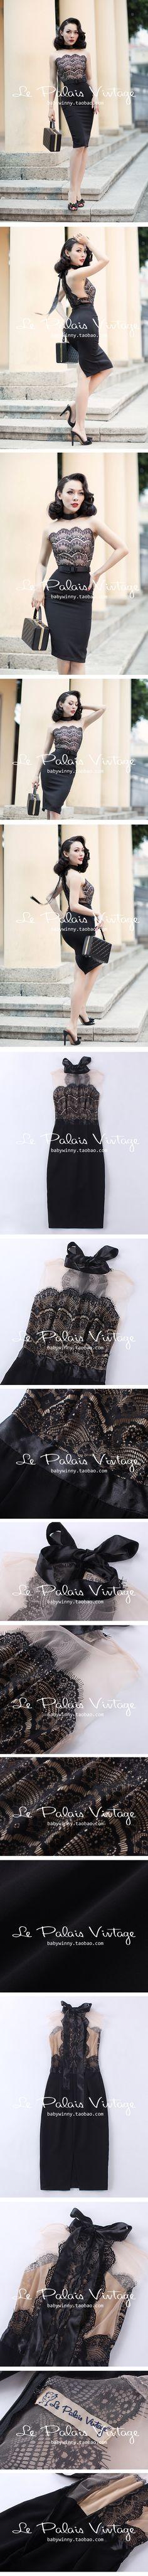 le palais vintage 优雅复古黑蕾丝拼接显瘦飘带修身连衣裙 0.2-淘宝网全球站